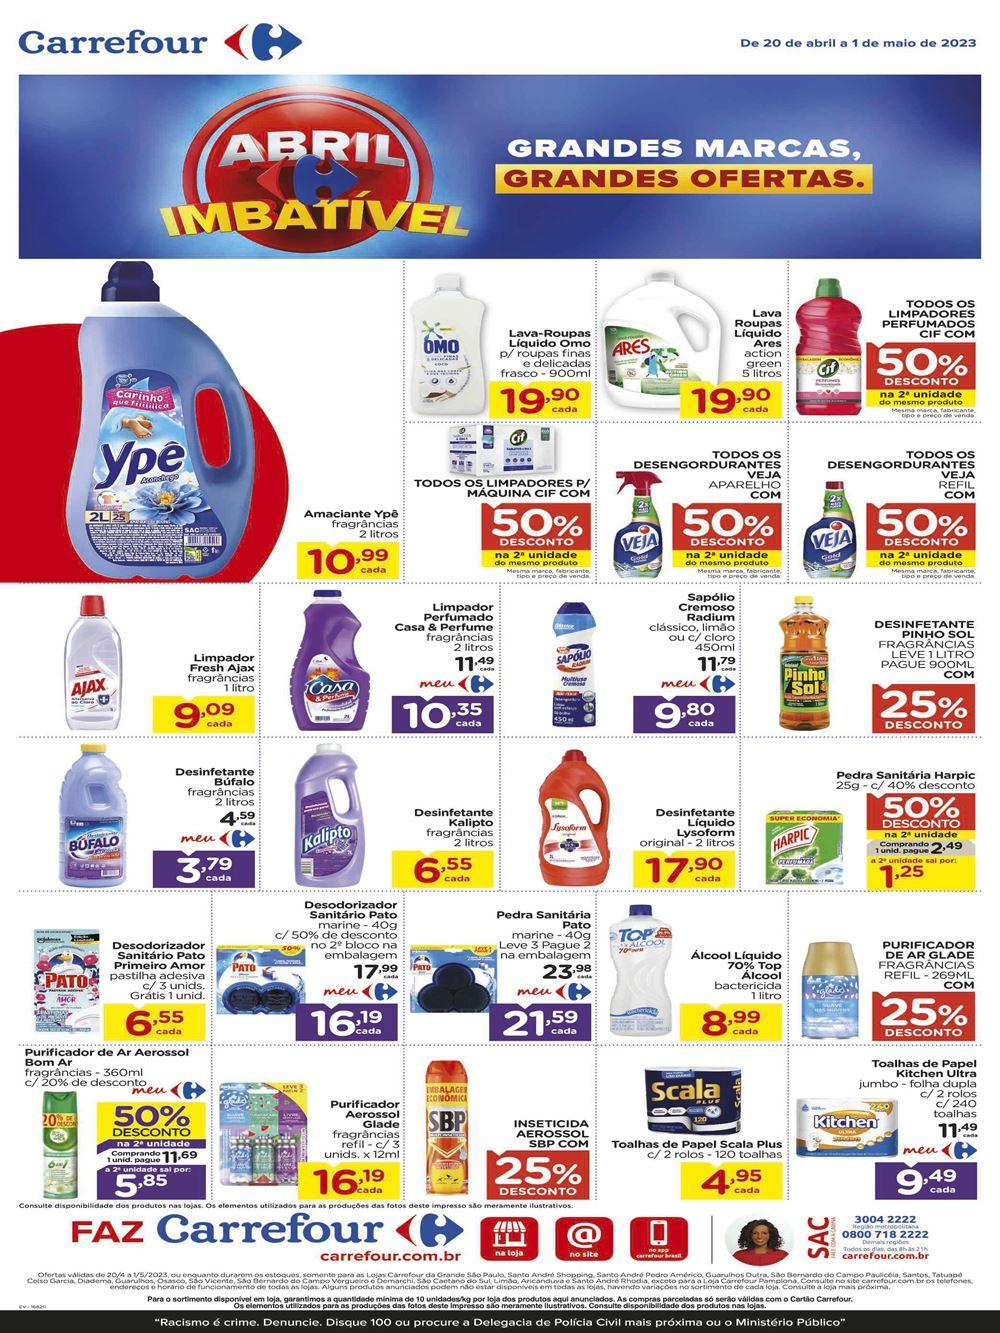 carrefour-ofertas-descontos-hoje12-19 Carrefour até 08/08